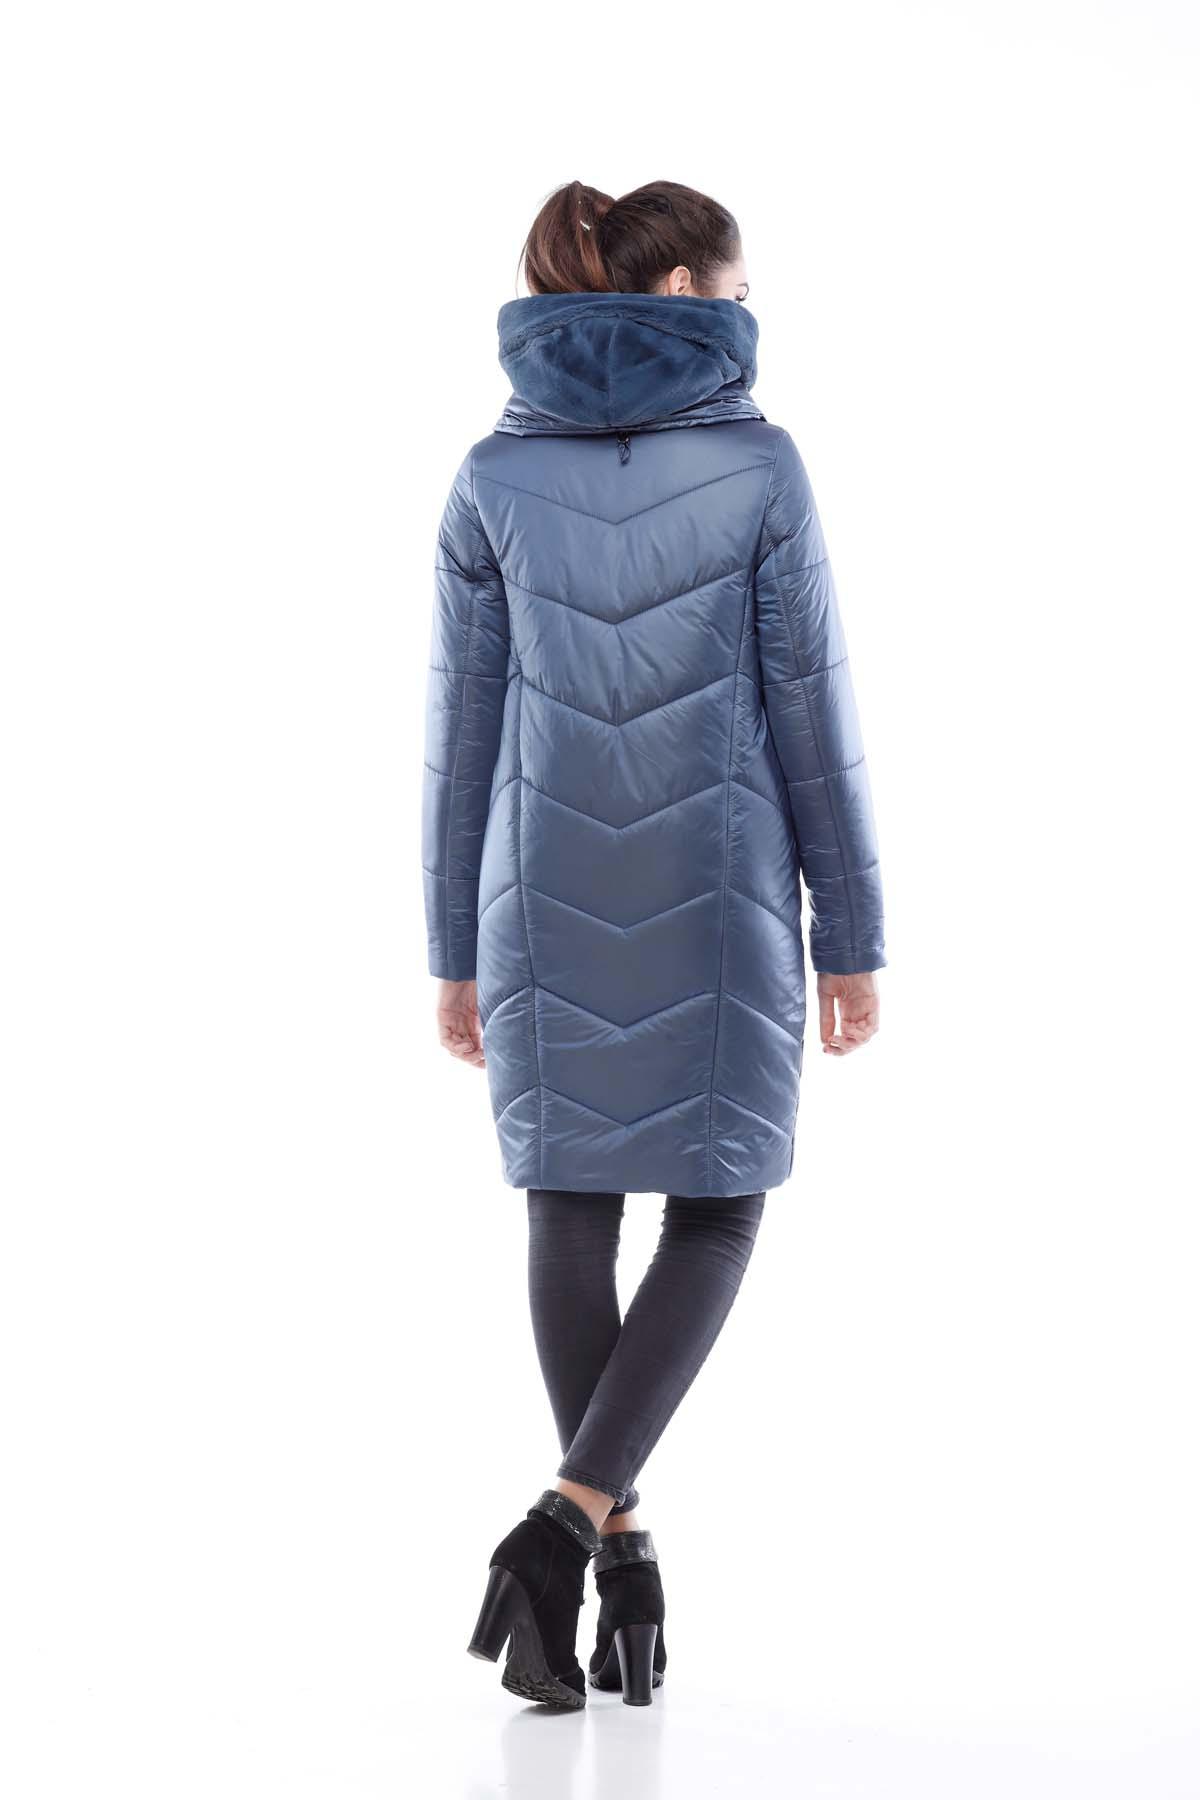 Пальто стьобана Карина темно-синій нейлон кролик